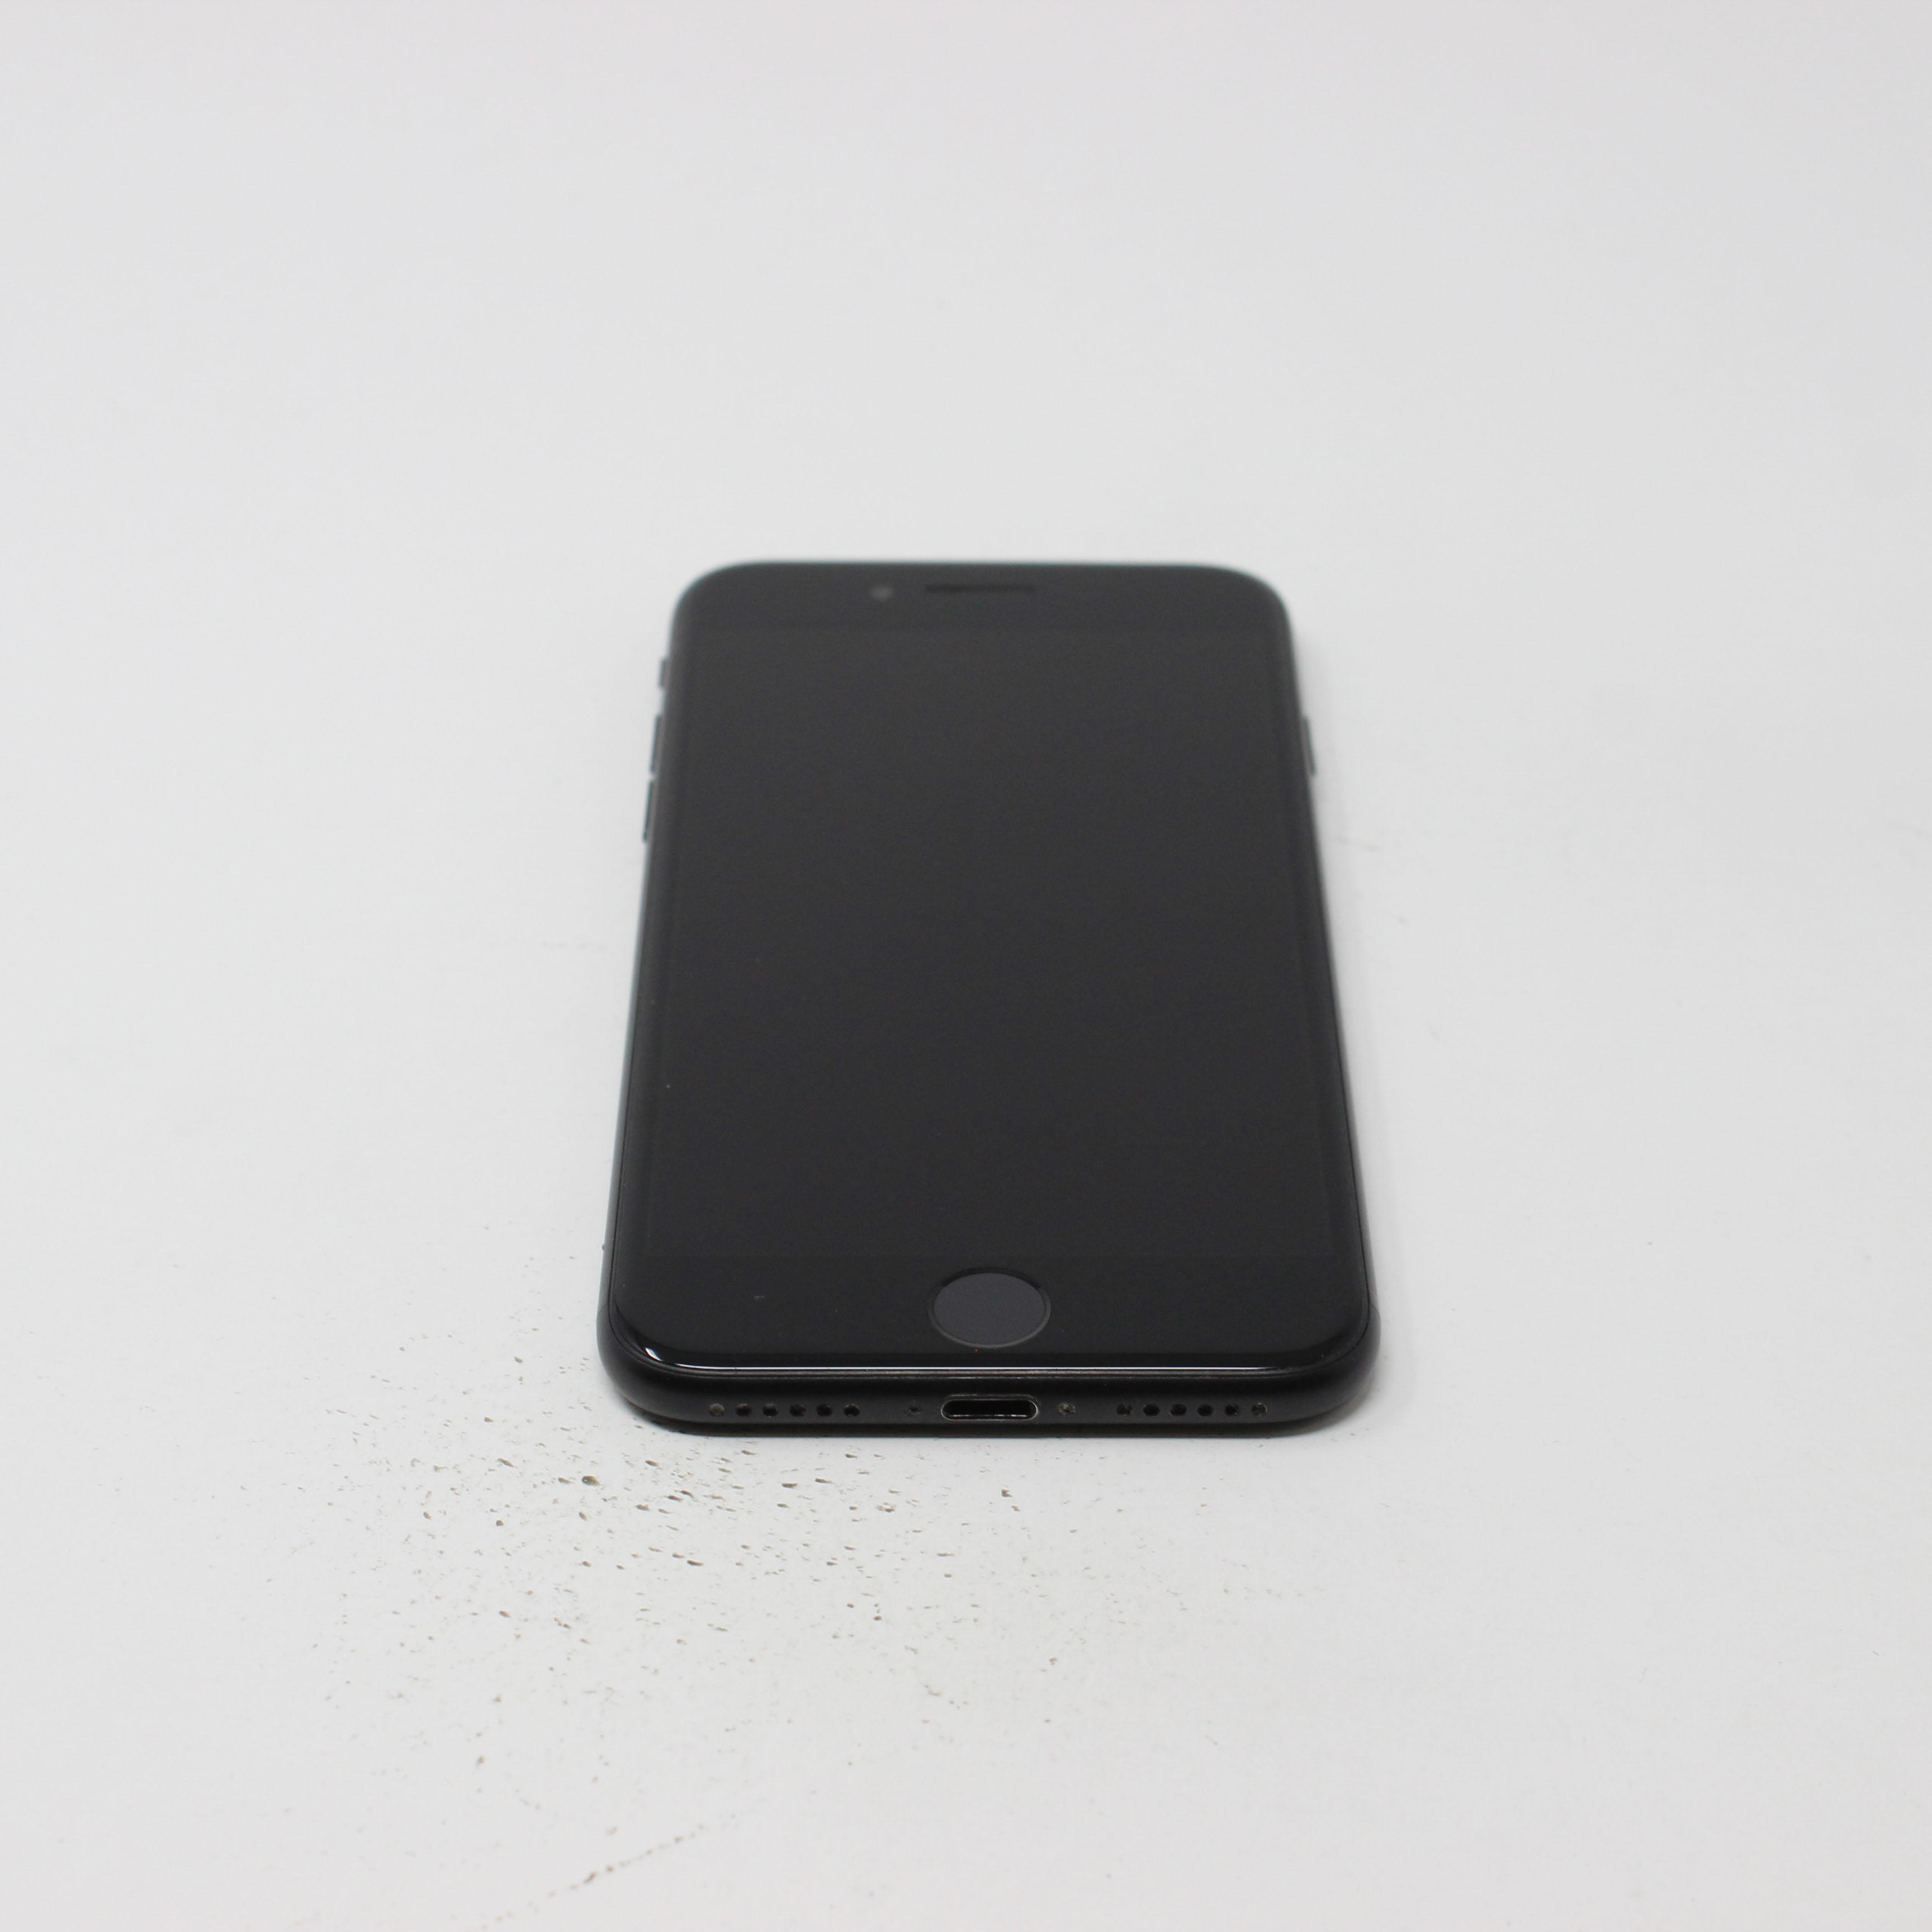 iPhone 7 32GB Black - AT&T photo 2 | UpTradeit.com